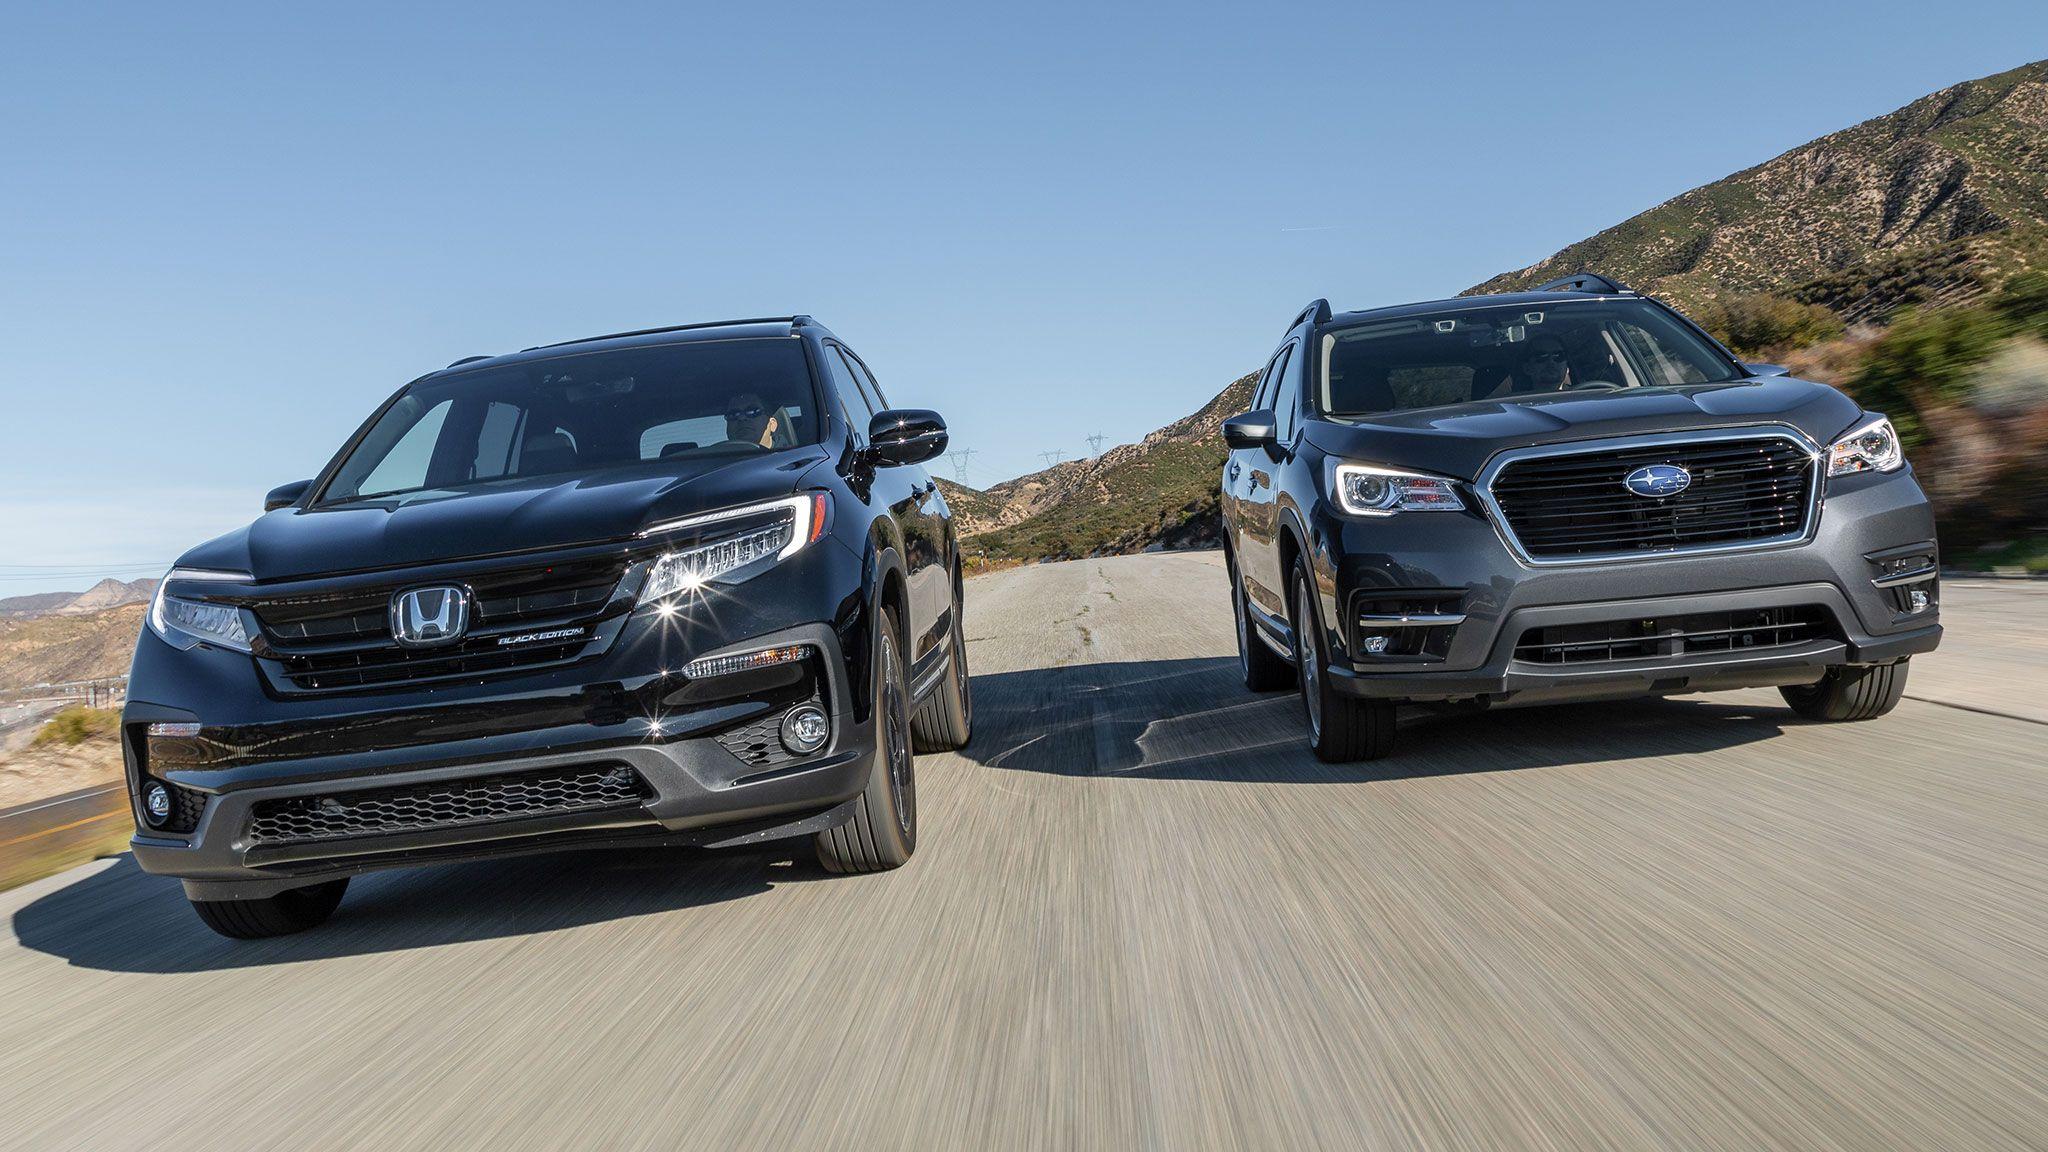 2020 Subaru Ascent Vs 2020 Honda Pilot 3 Row Suv Comparison Honda Pilot Suv Comparison 3rd Row Suv